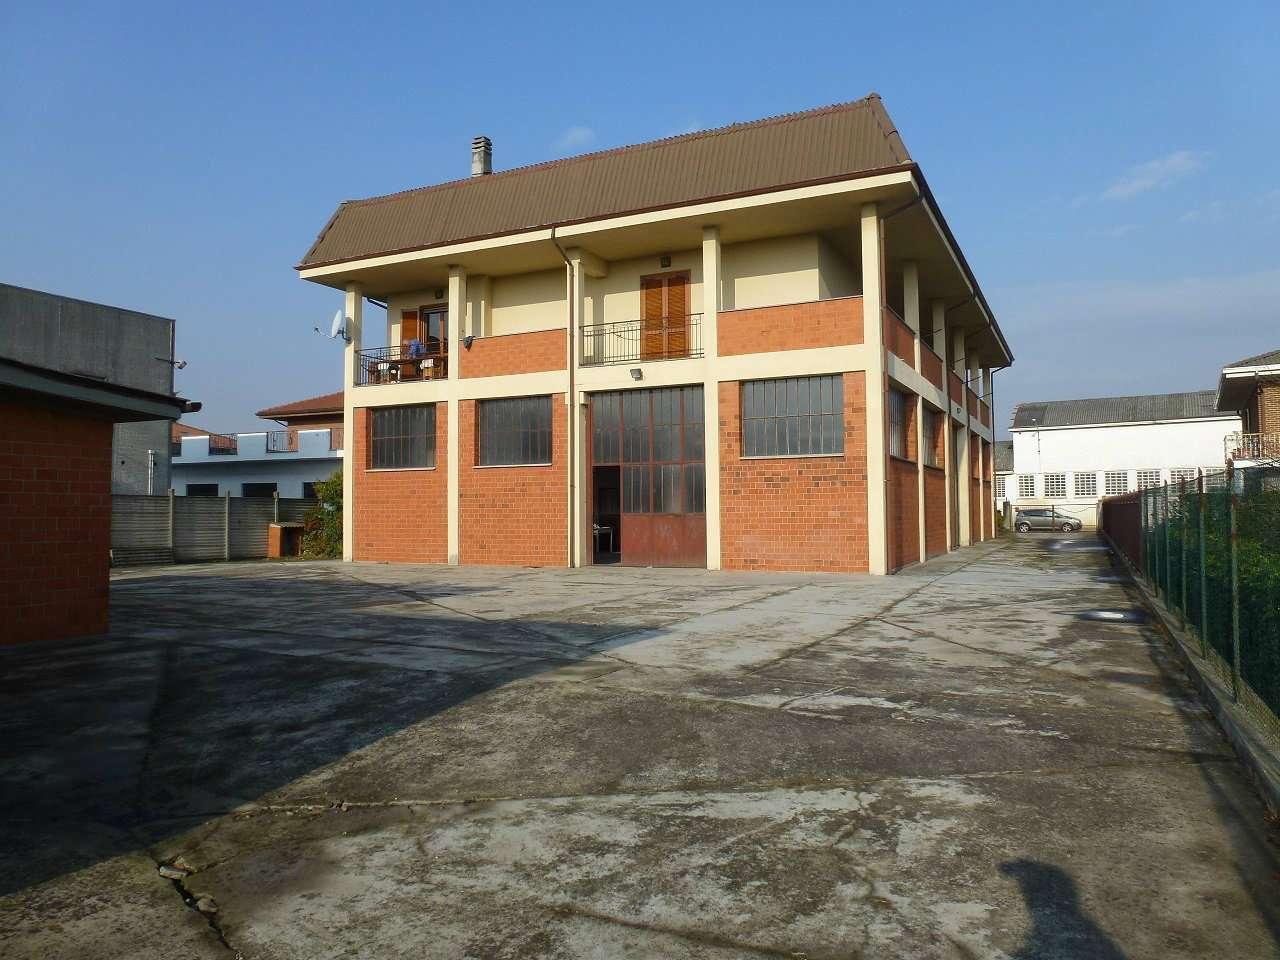 Appartamento in vendita a Caresanablot, 4 locali, prezzo € 320.000 | PortaleAgenzieImmobiliari.it